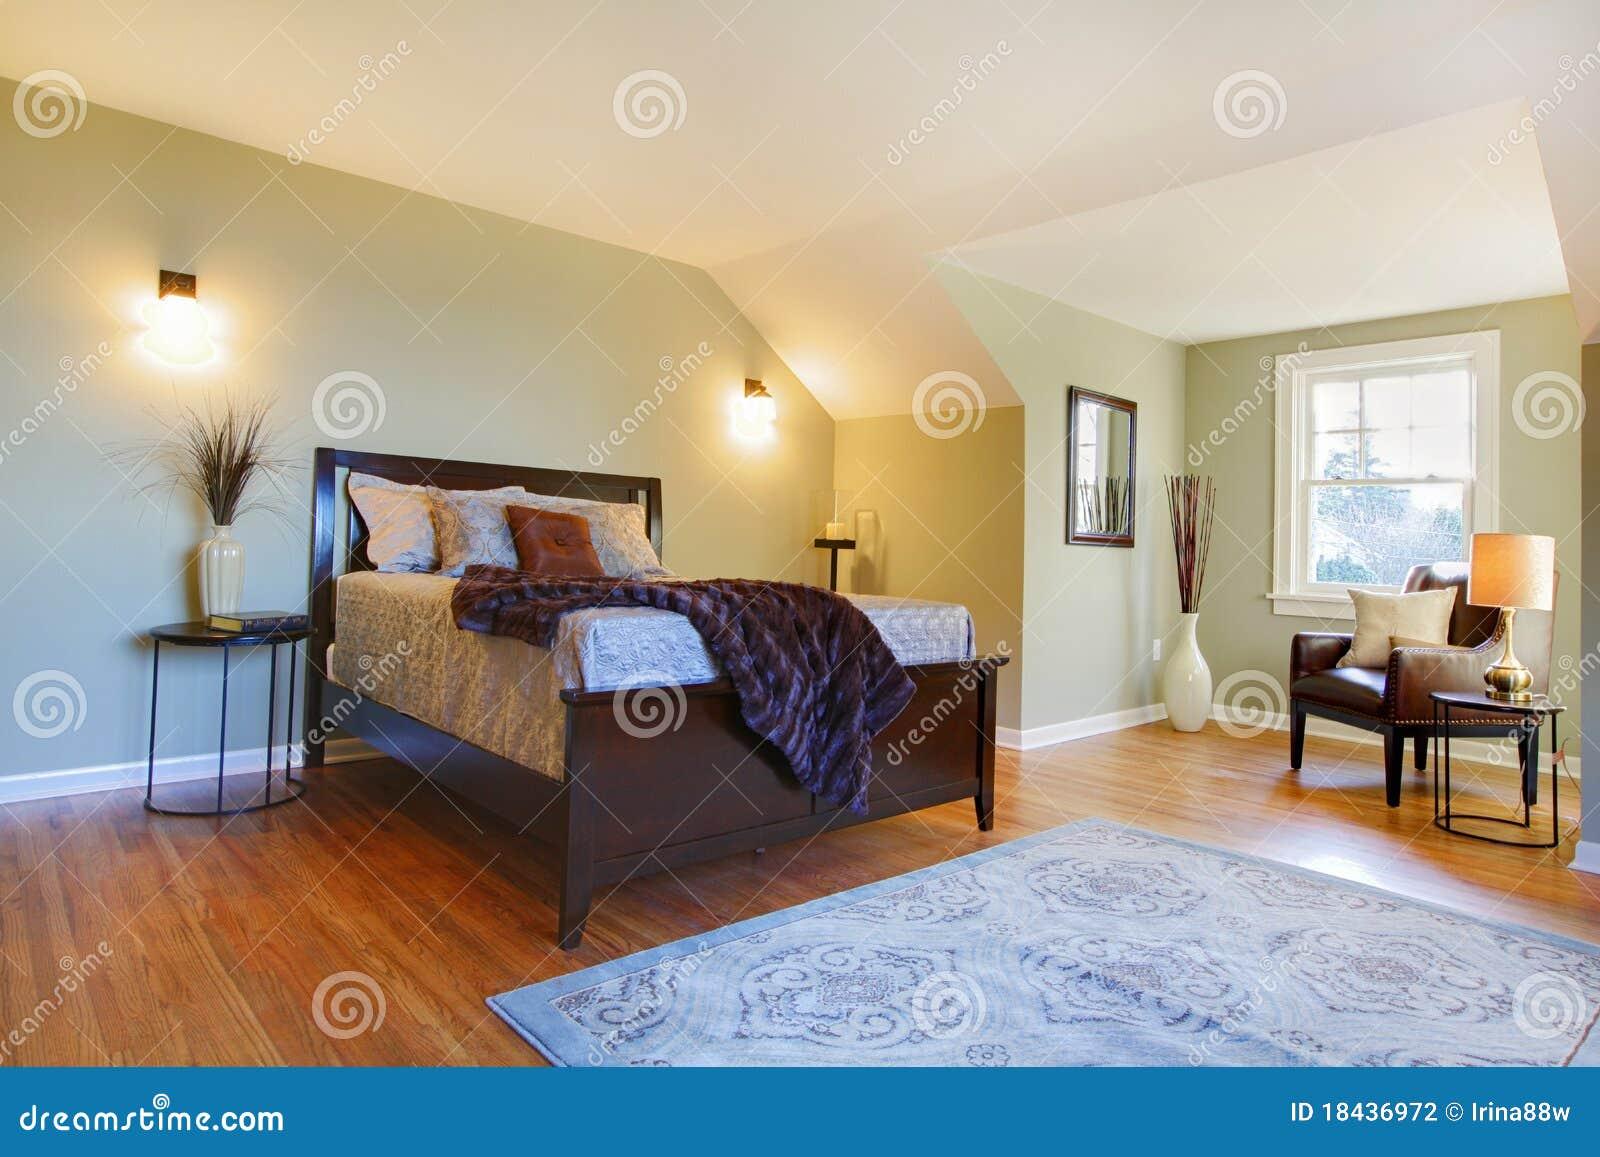 Braunes schlafzimmer ideen kreative bilder f r zu hause - Braunes bett ...